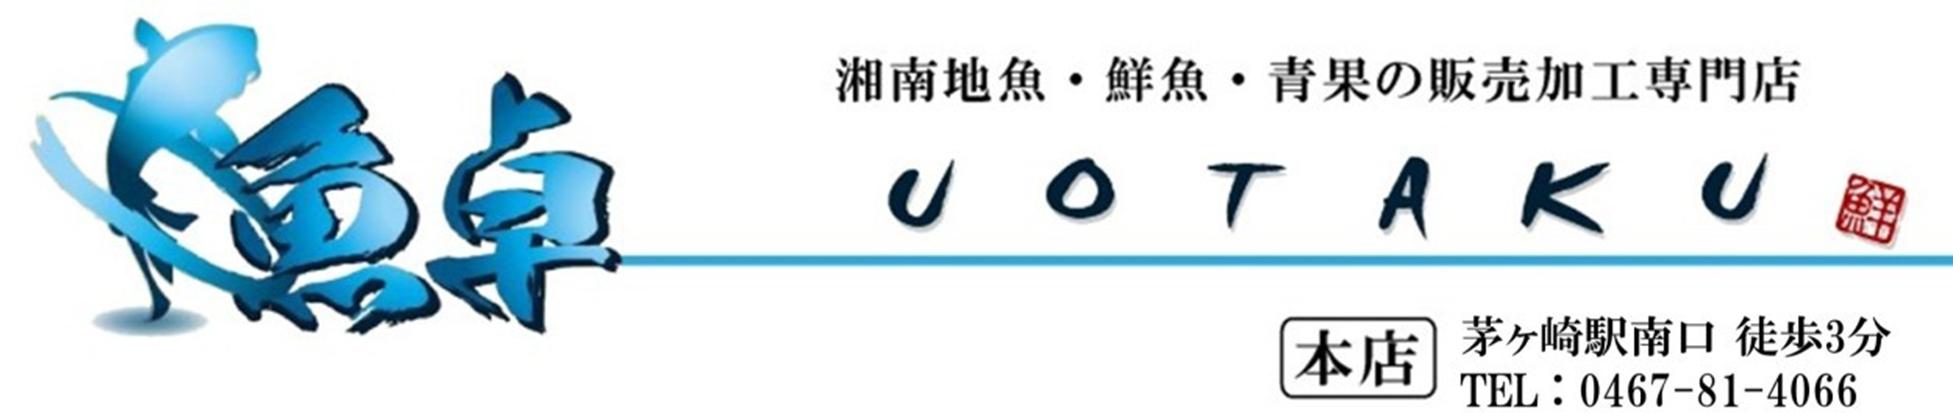 湘南茅ヶ崎の魚屋「魚卓(うおたく)」【公式】